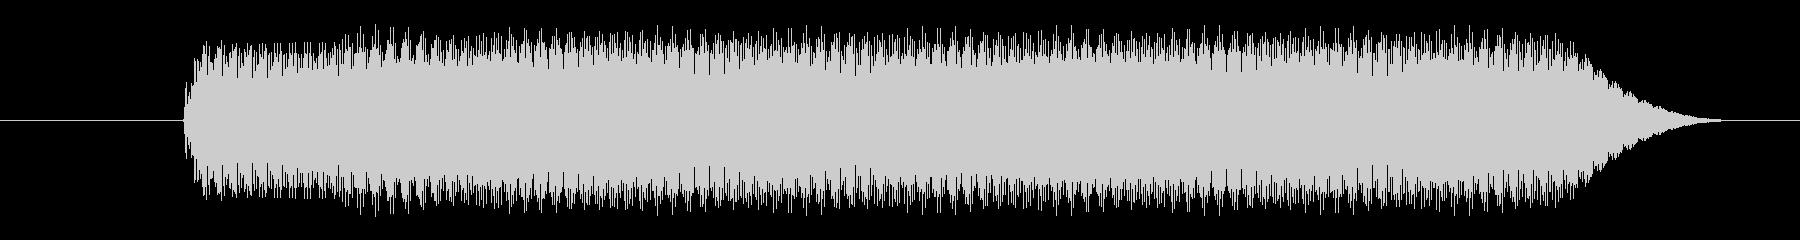 ビープ音;コンピューターのビープ音...の未再生の波形